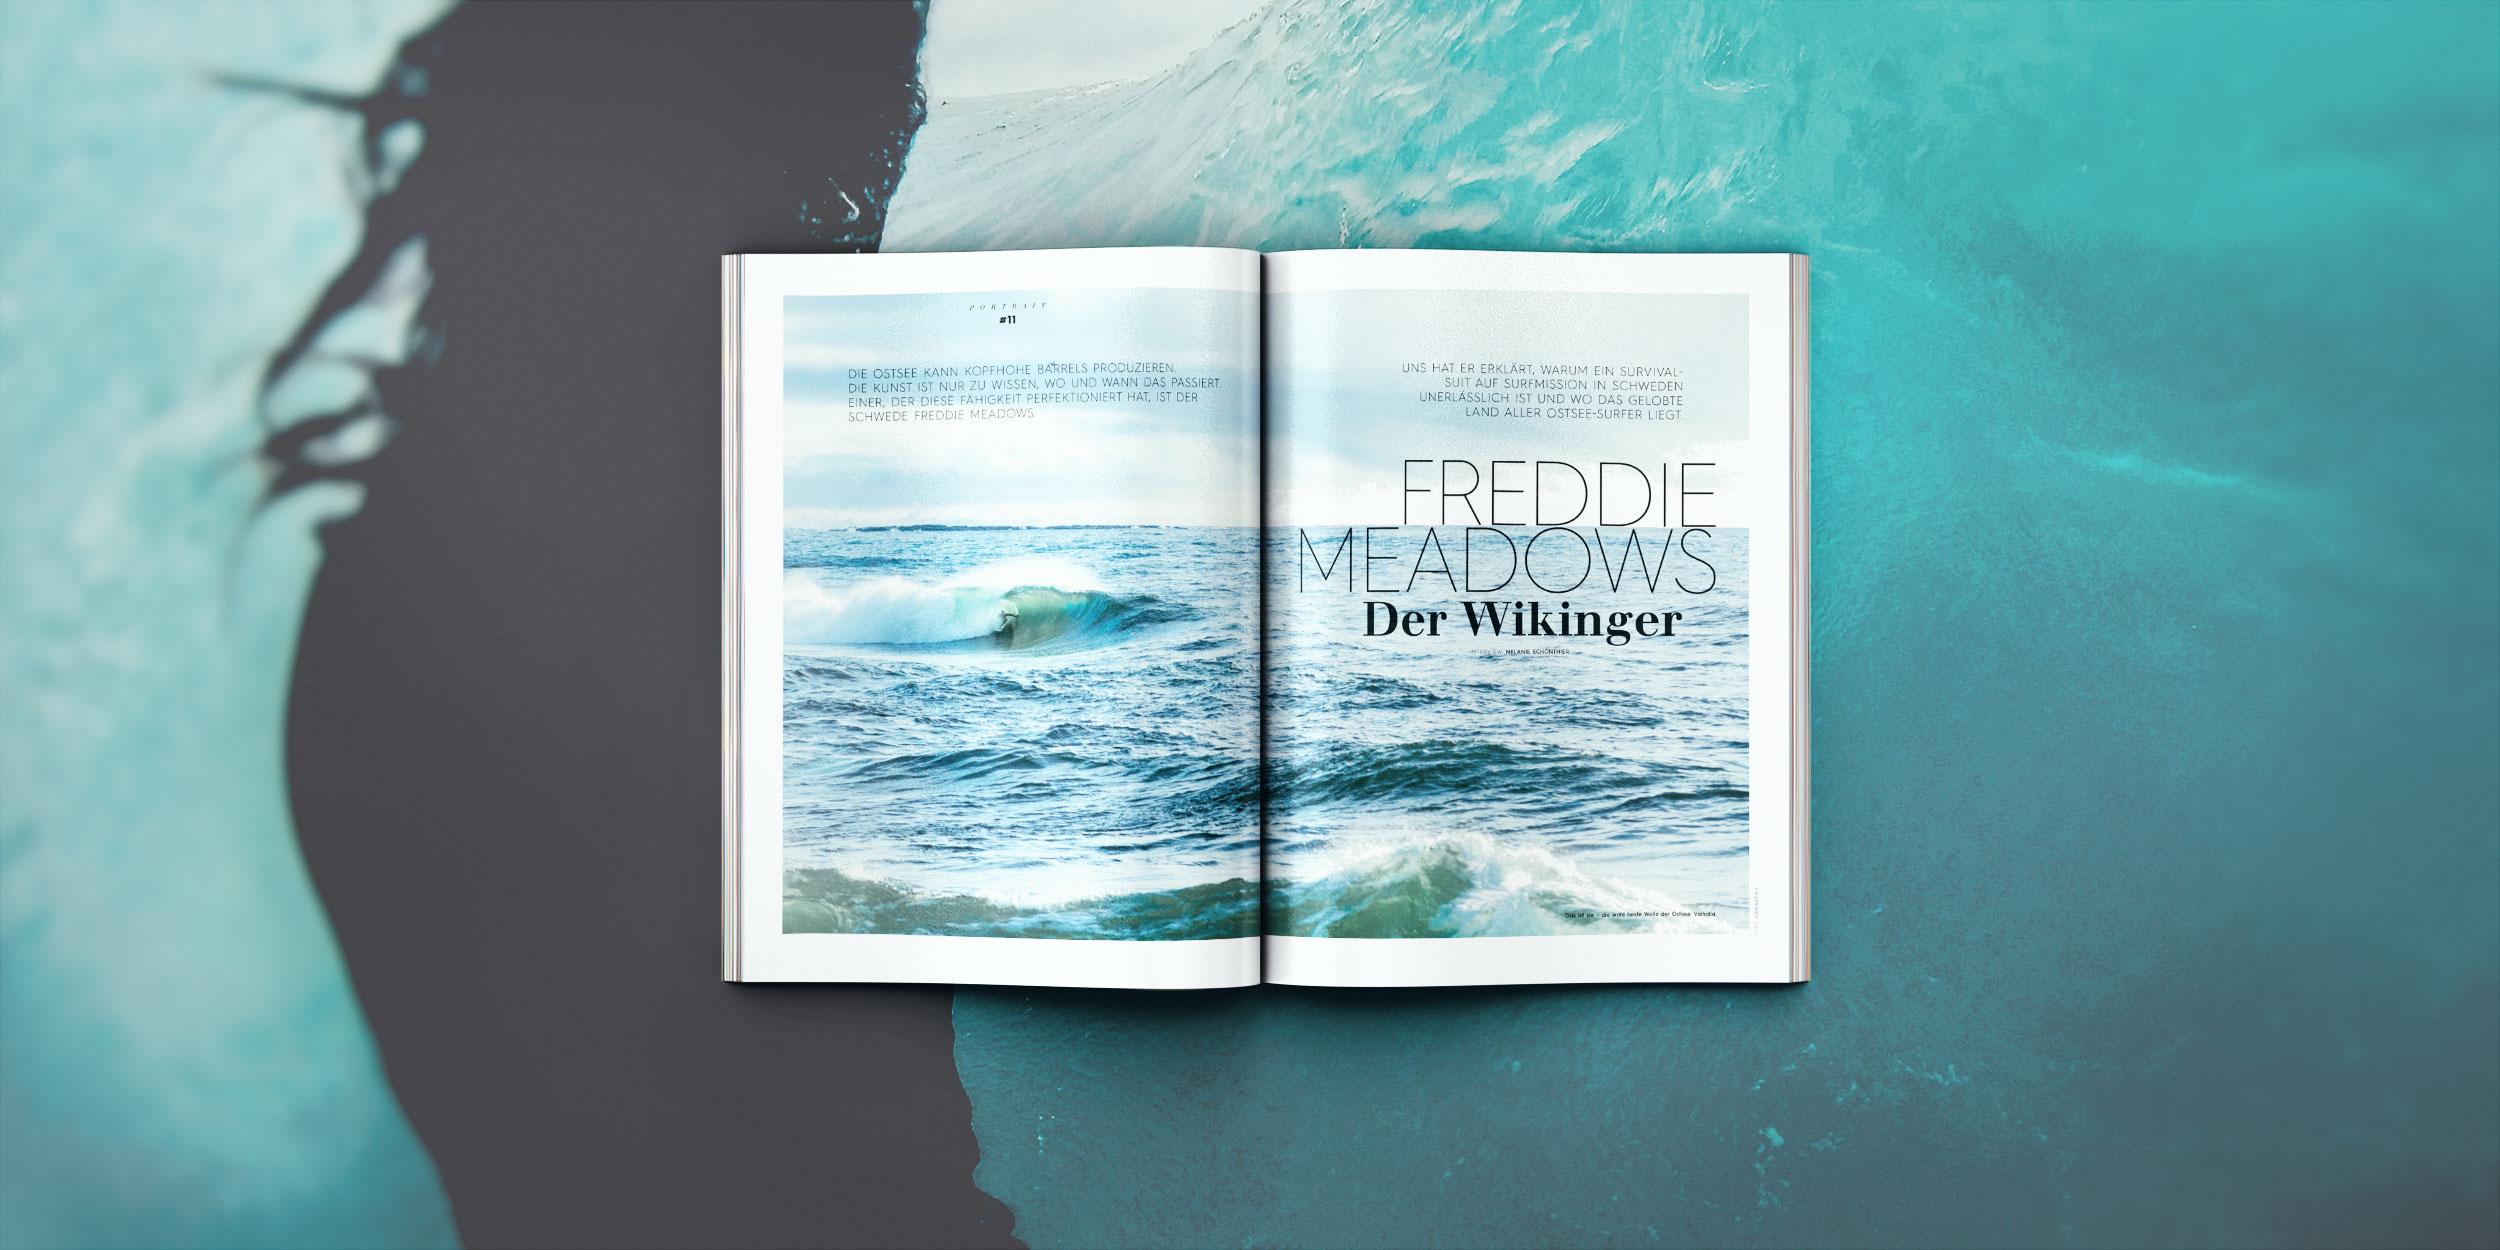 Wellen wie in Indo in der Ostsee